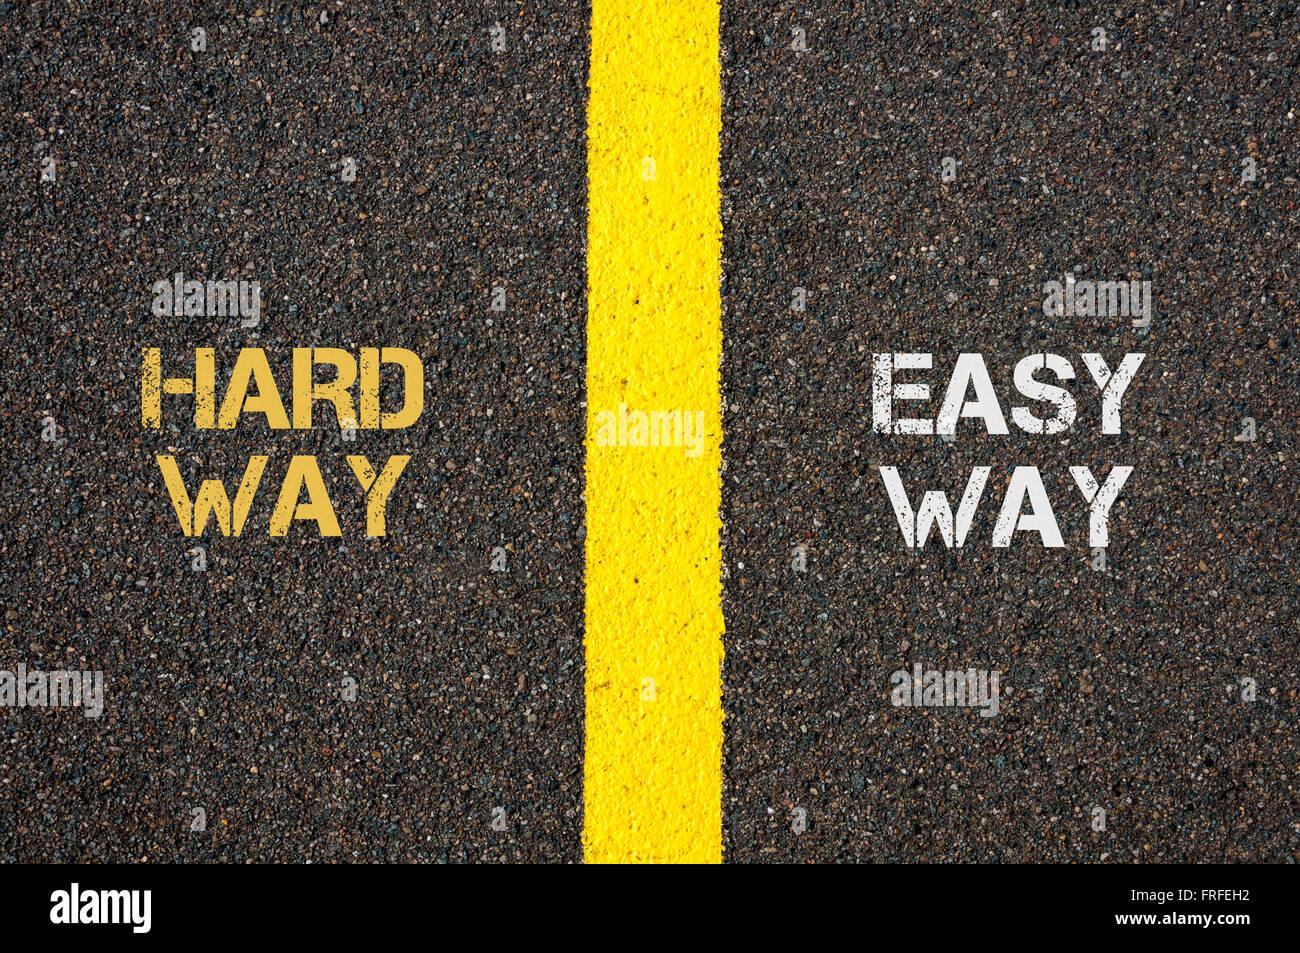 Antonyme concept de manière difficile moyen facile et écrit plus de tarmac, marquage routier peinture Photo Stock